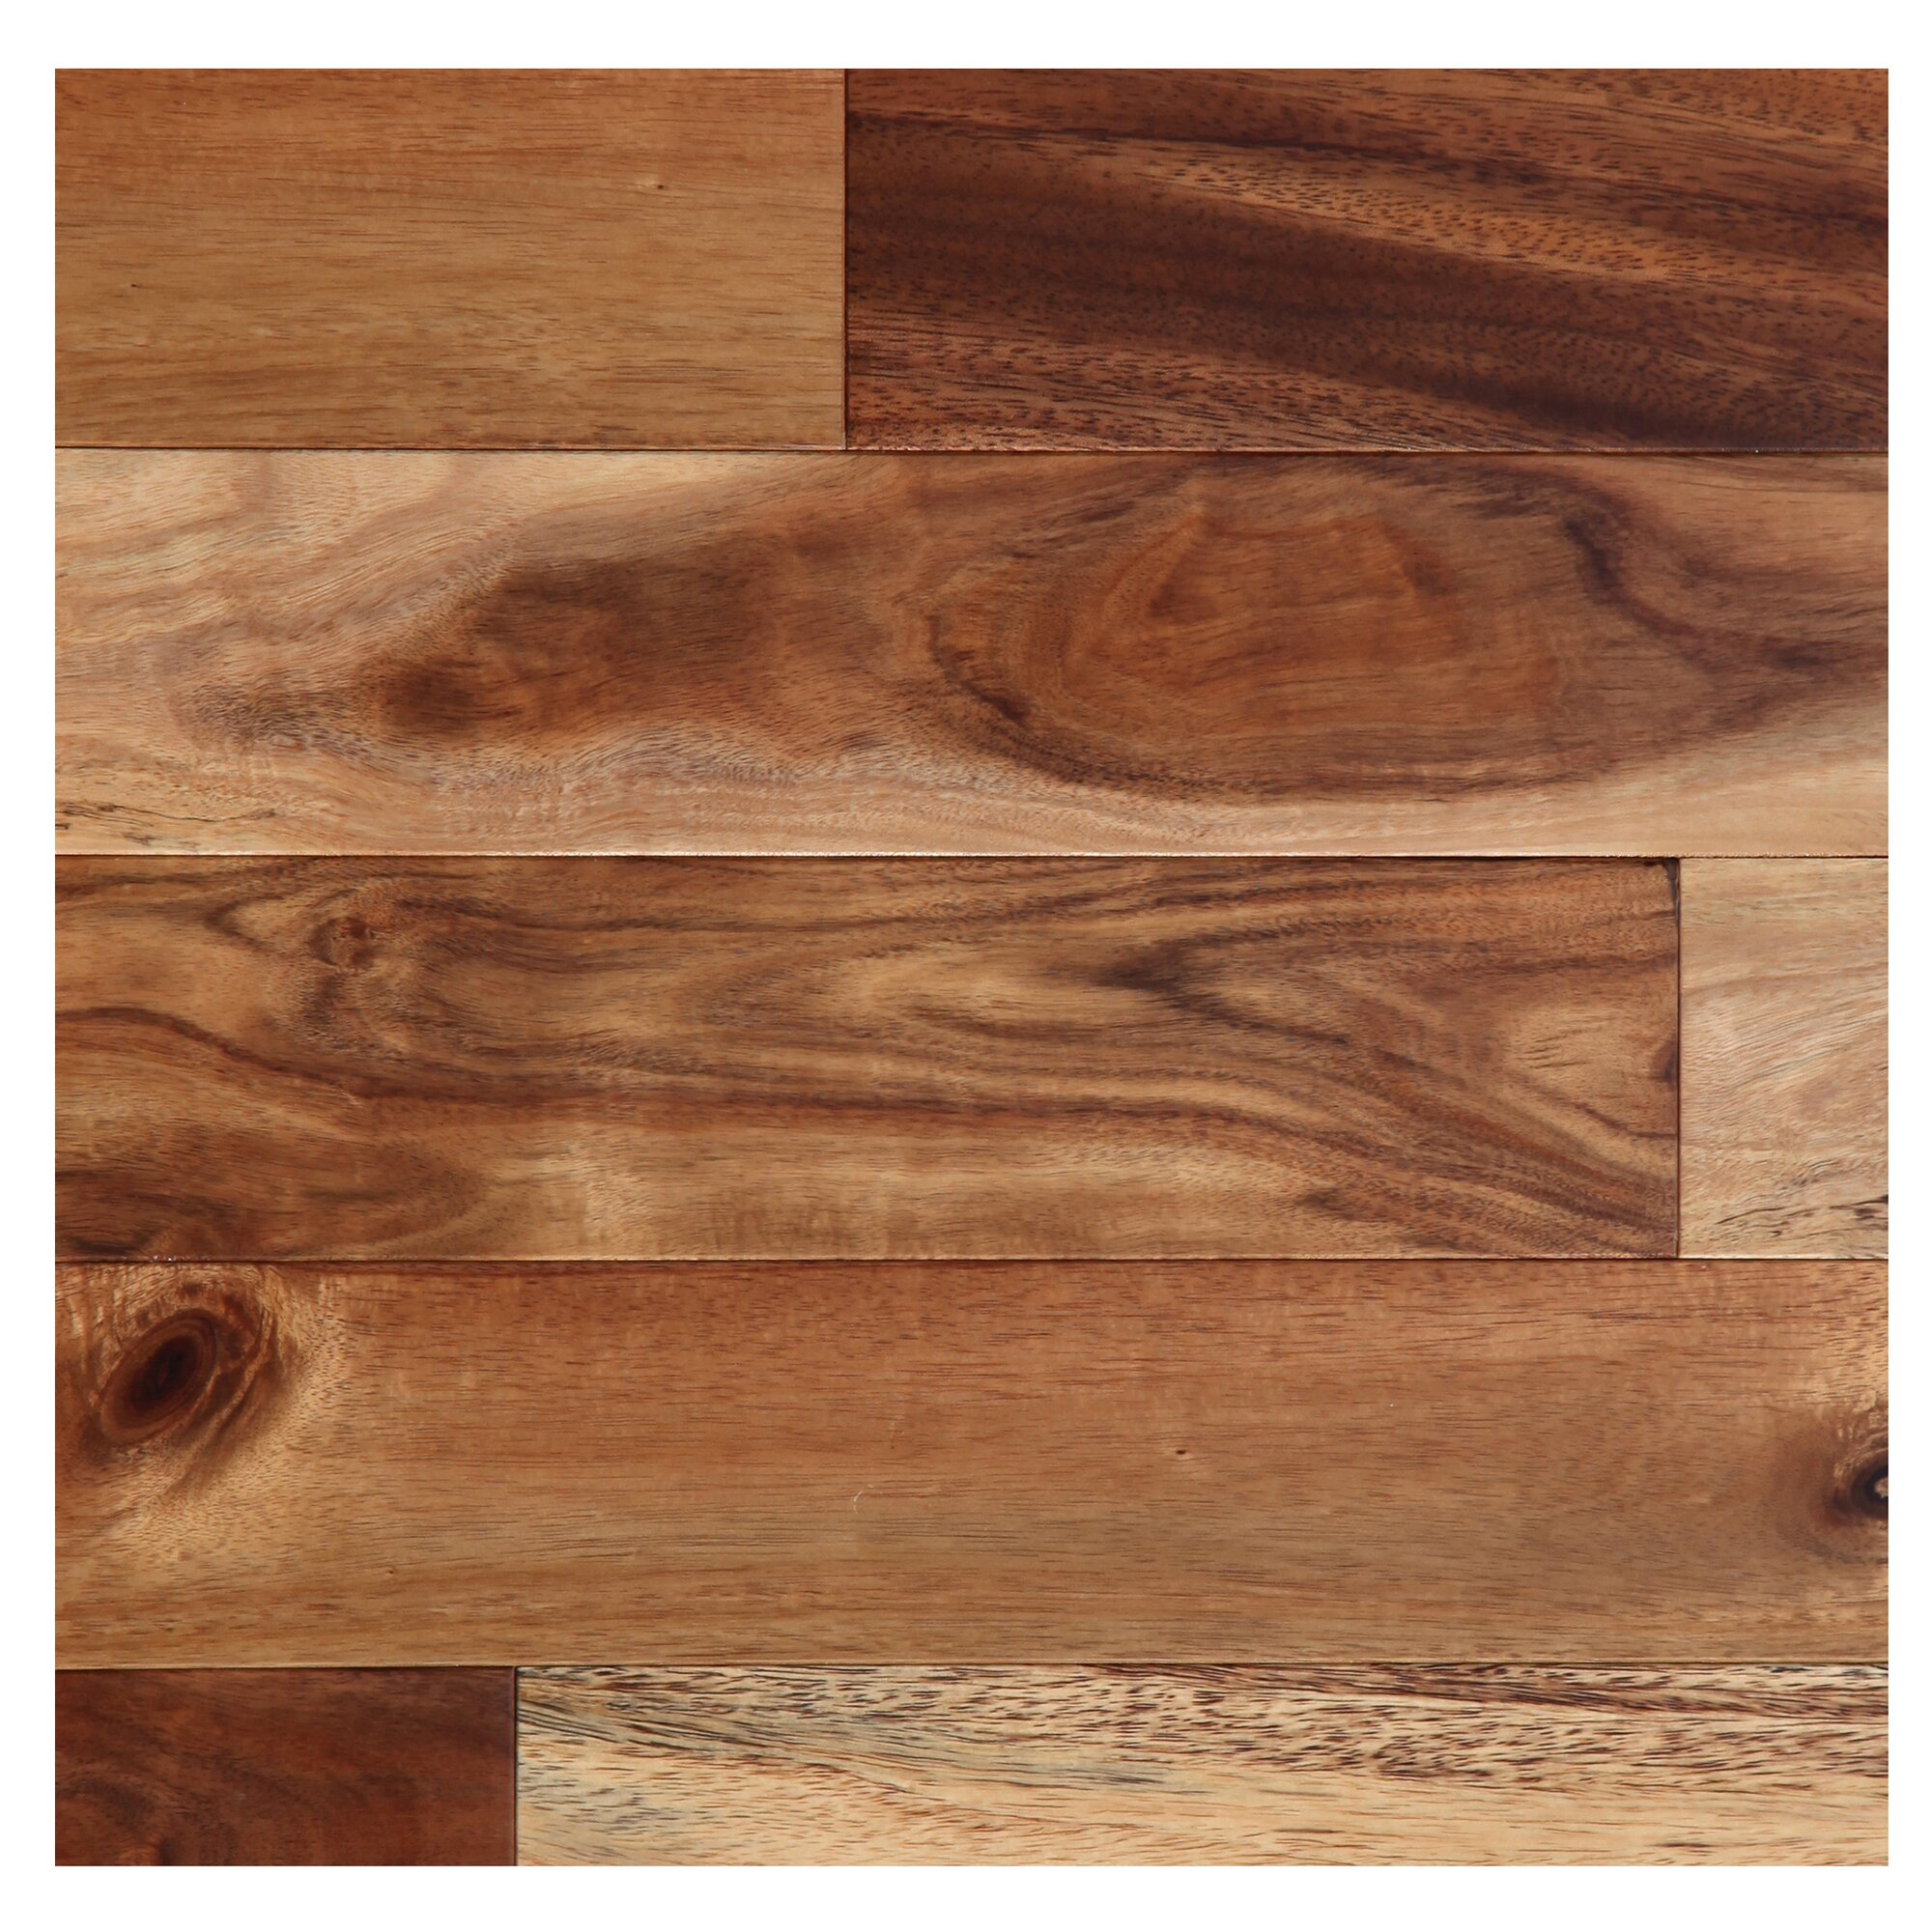 3 4 Hardwood Flooring flooring 4 34 Engineered Acacia Hardwood Flooring In Natural